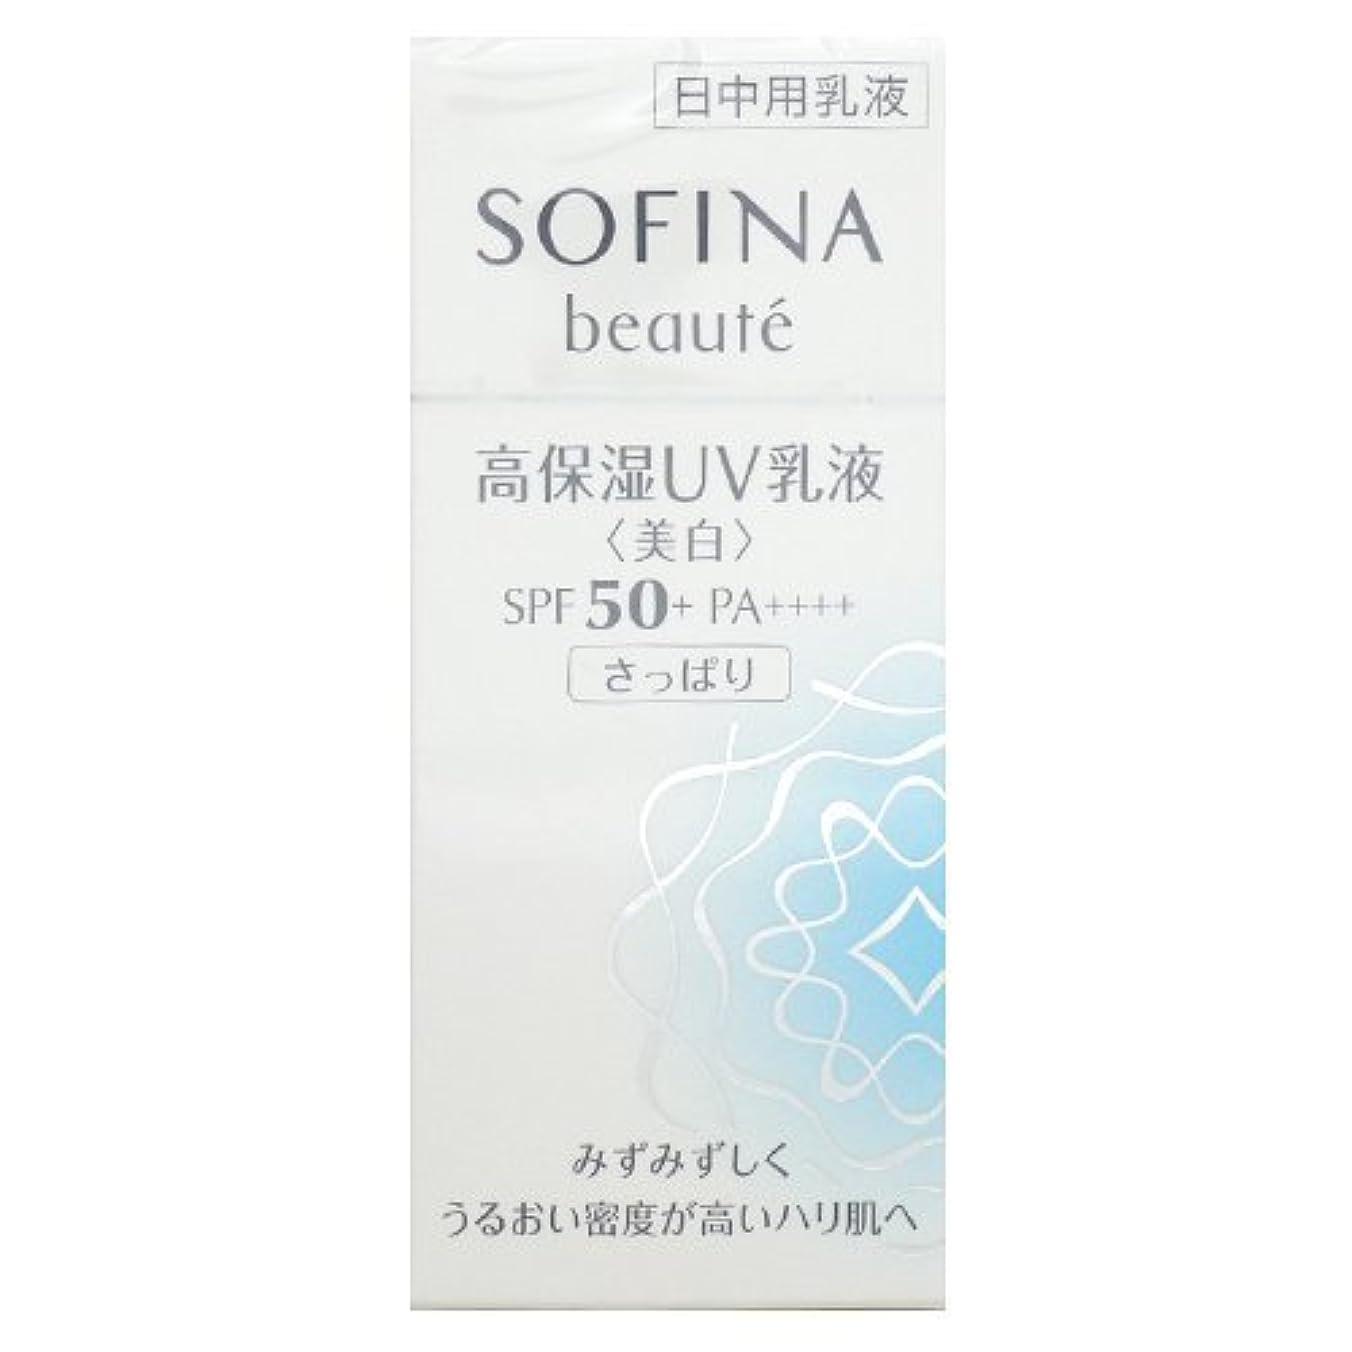 クラシカル遠えバランスのとれた花王 ソフィーナ ボーテ SOFINA beaute 高保湿UV乳液 美白 SPF50+ PA++++ さっぱり 30mL [並行輸入品]